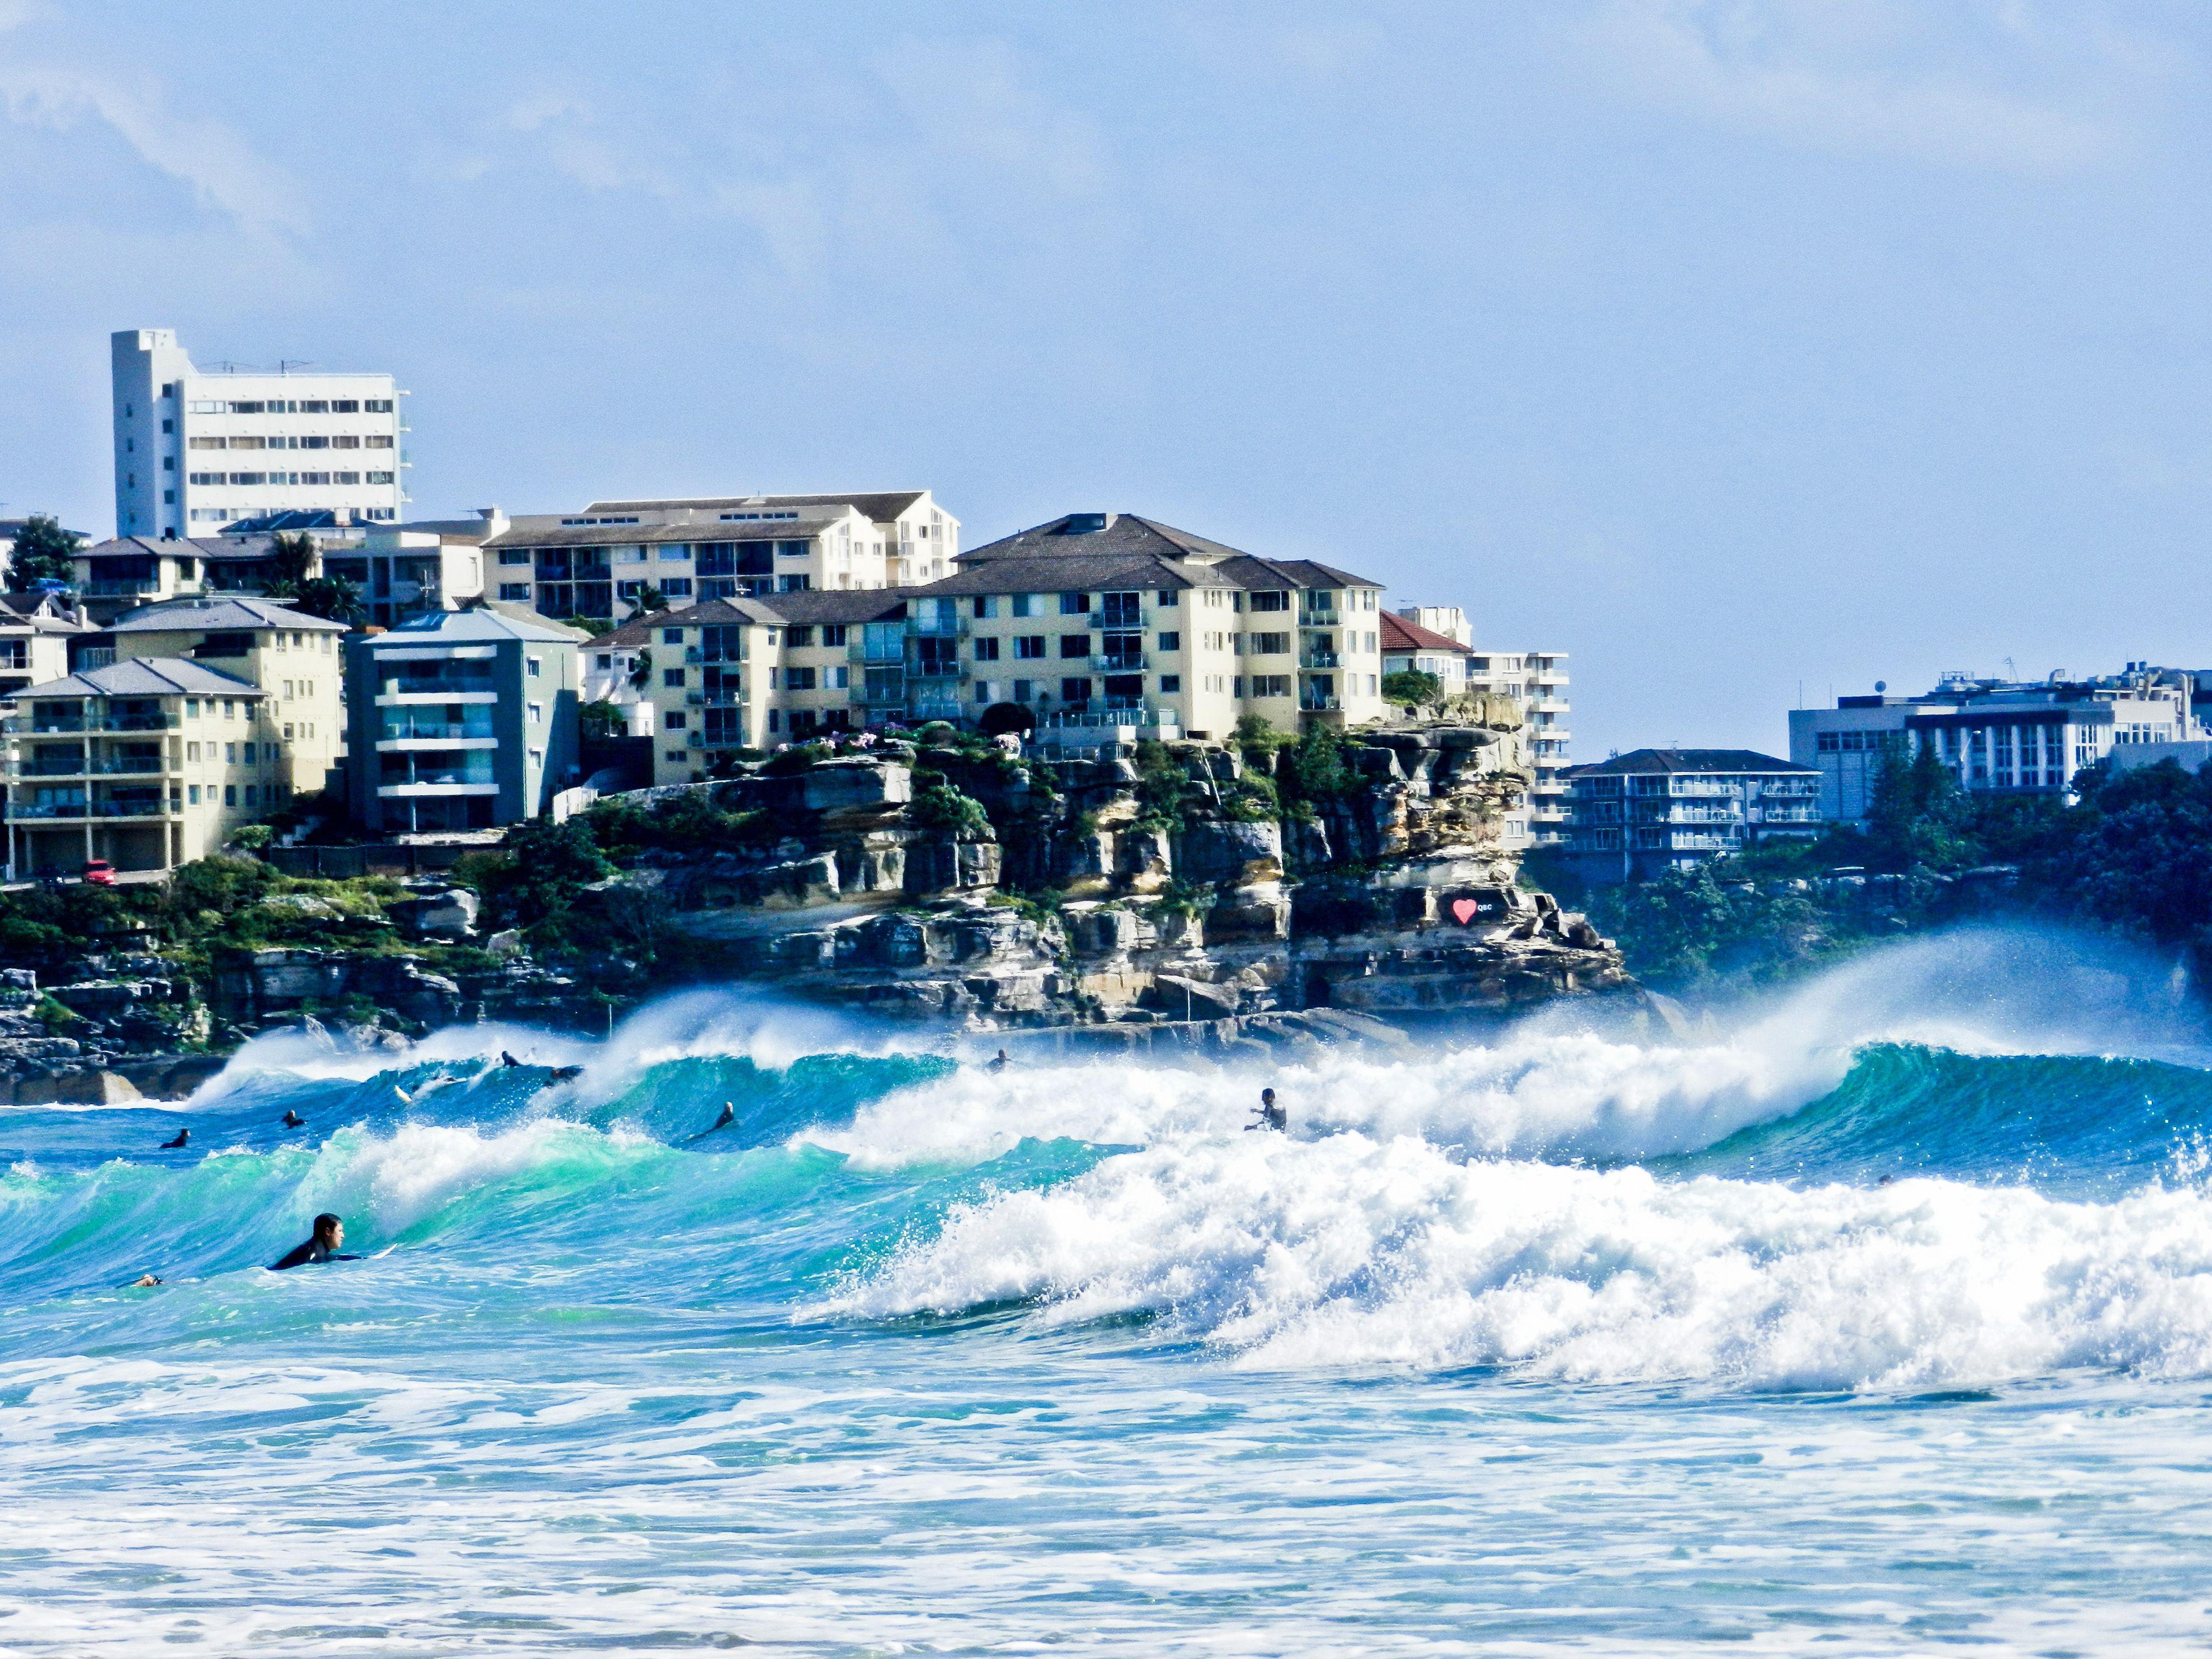 Manly Beach, Sidney, NSW, Australia